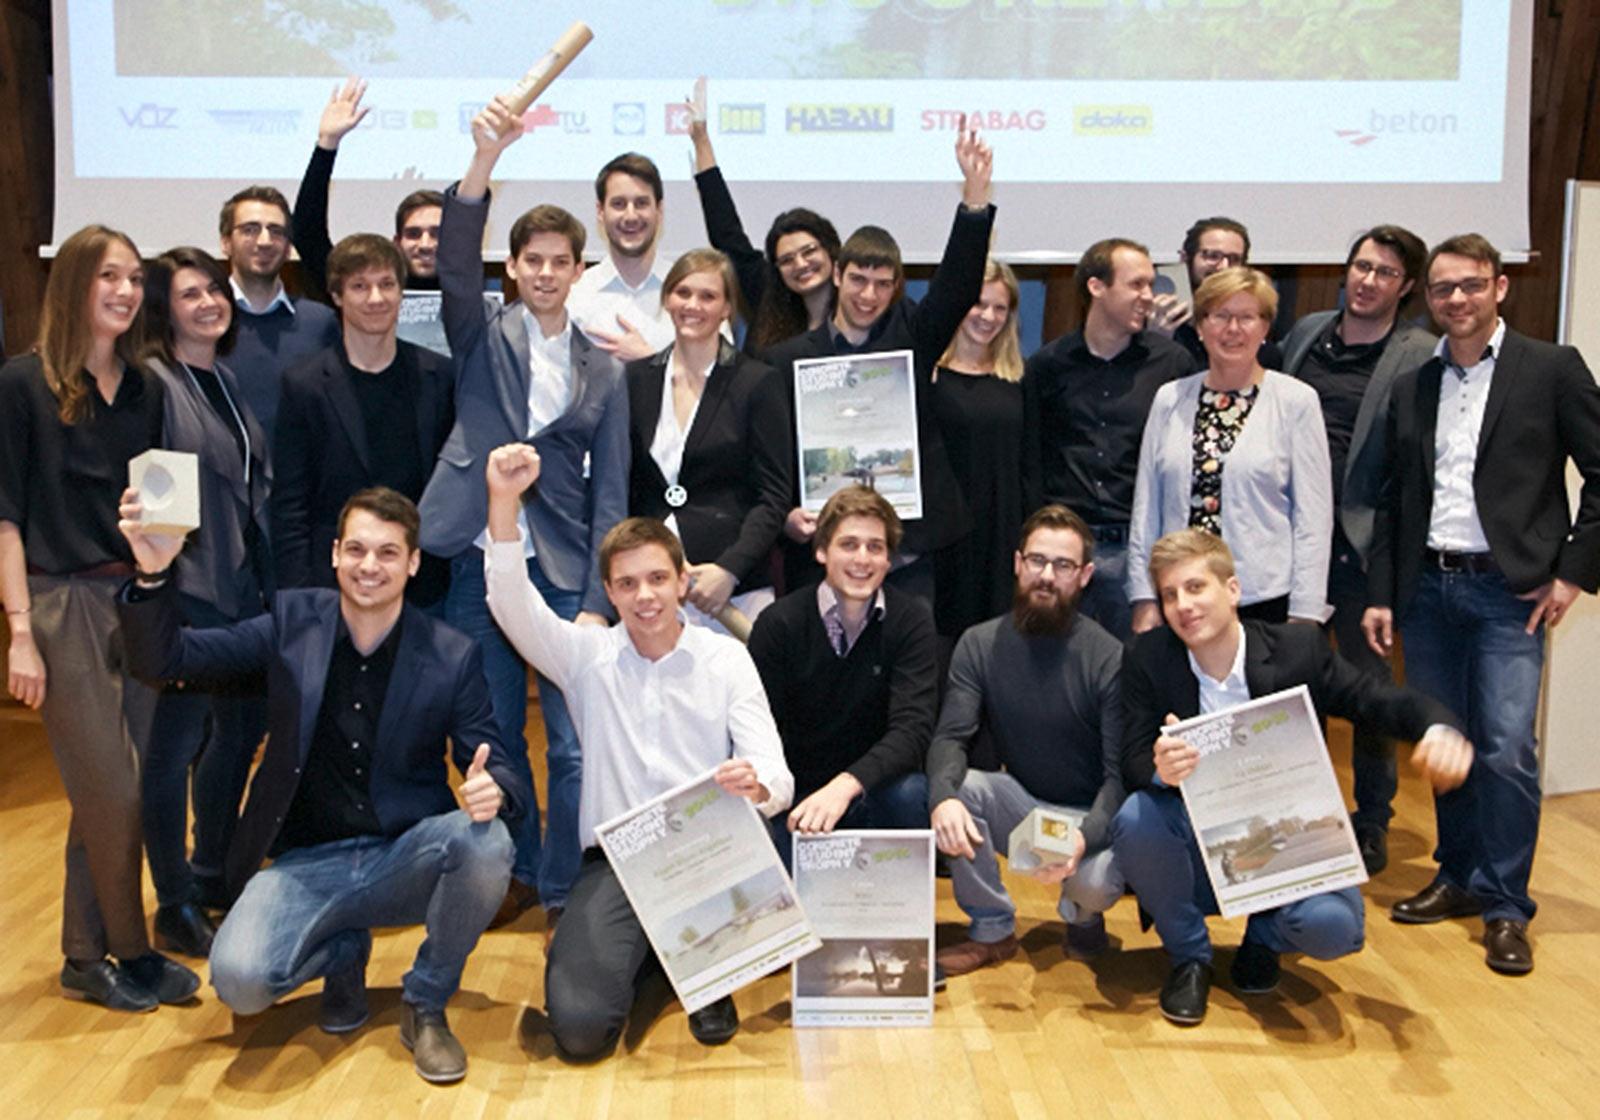 Междисциплинарное взаимодействие – лучшим студентам были присвоены награды в конкурсе Concrete Student Trophy 2015. Фото: IG Lebenszyklus